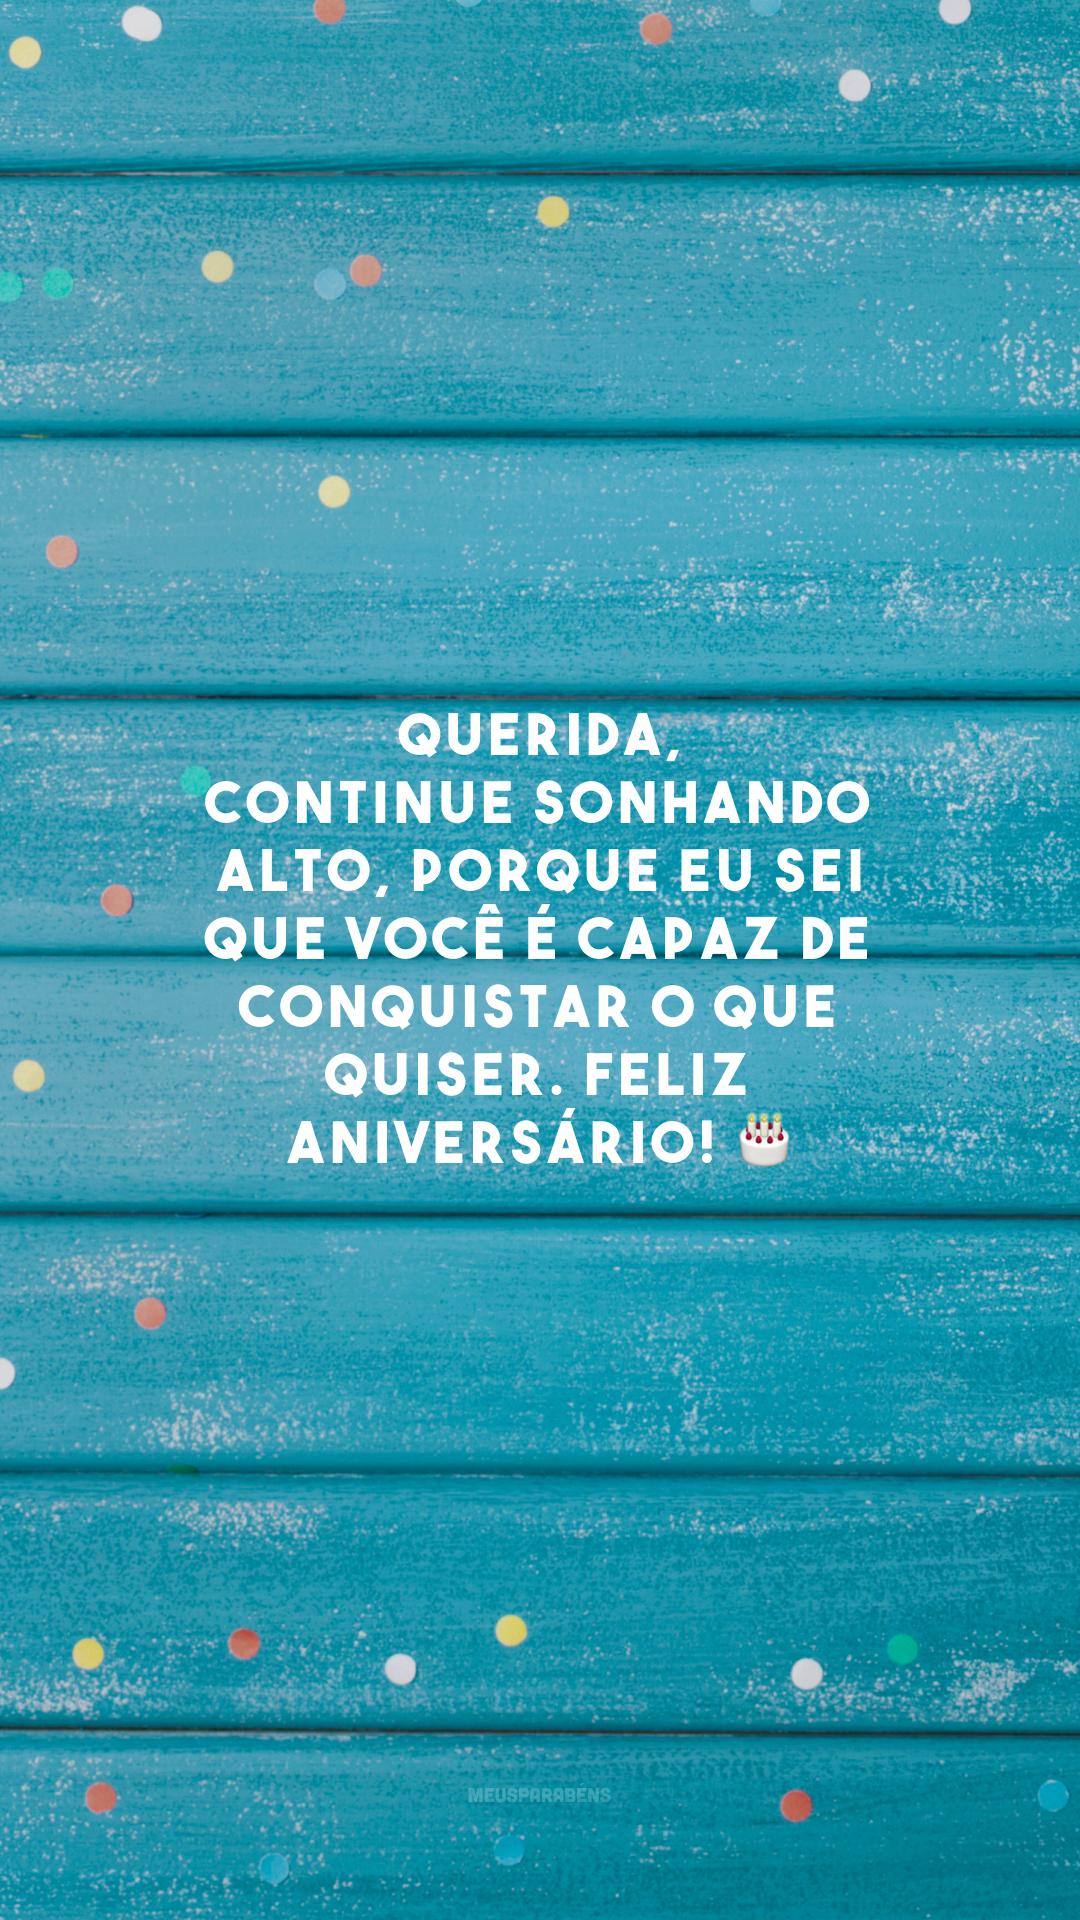 Querida, continue sonhando alto, porque eu sei que você é capaz de conquistar o que quiser. Feliz aniversário! 🎂